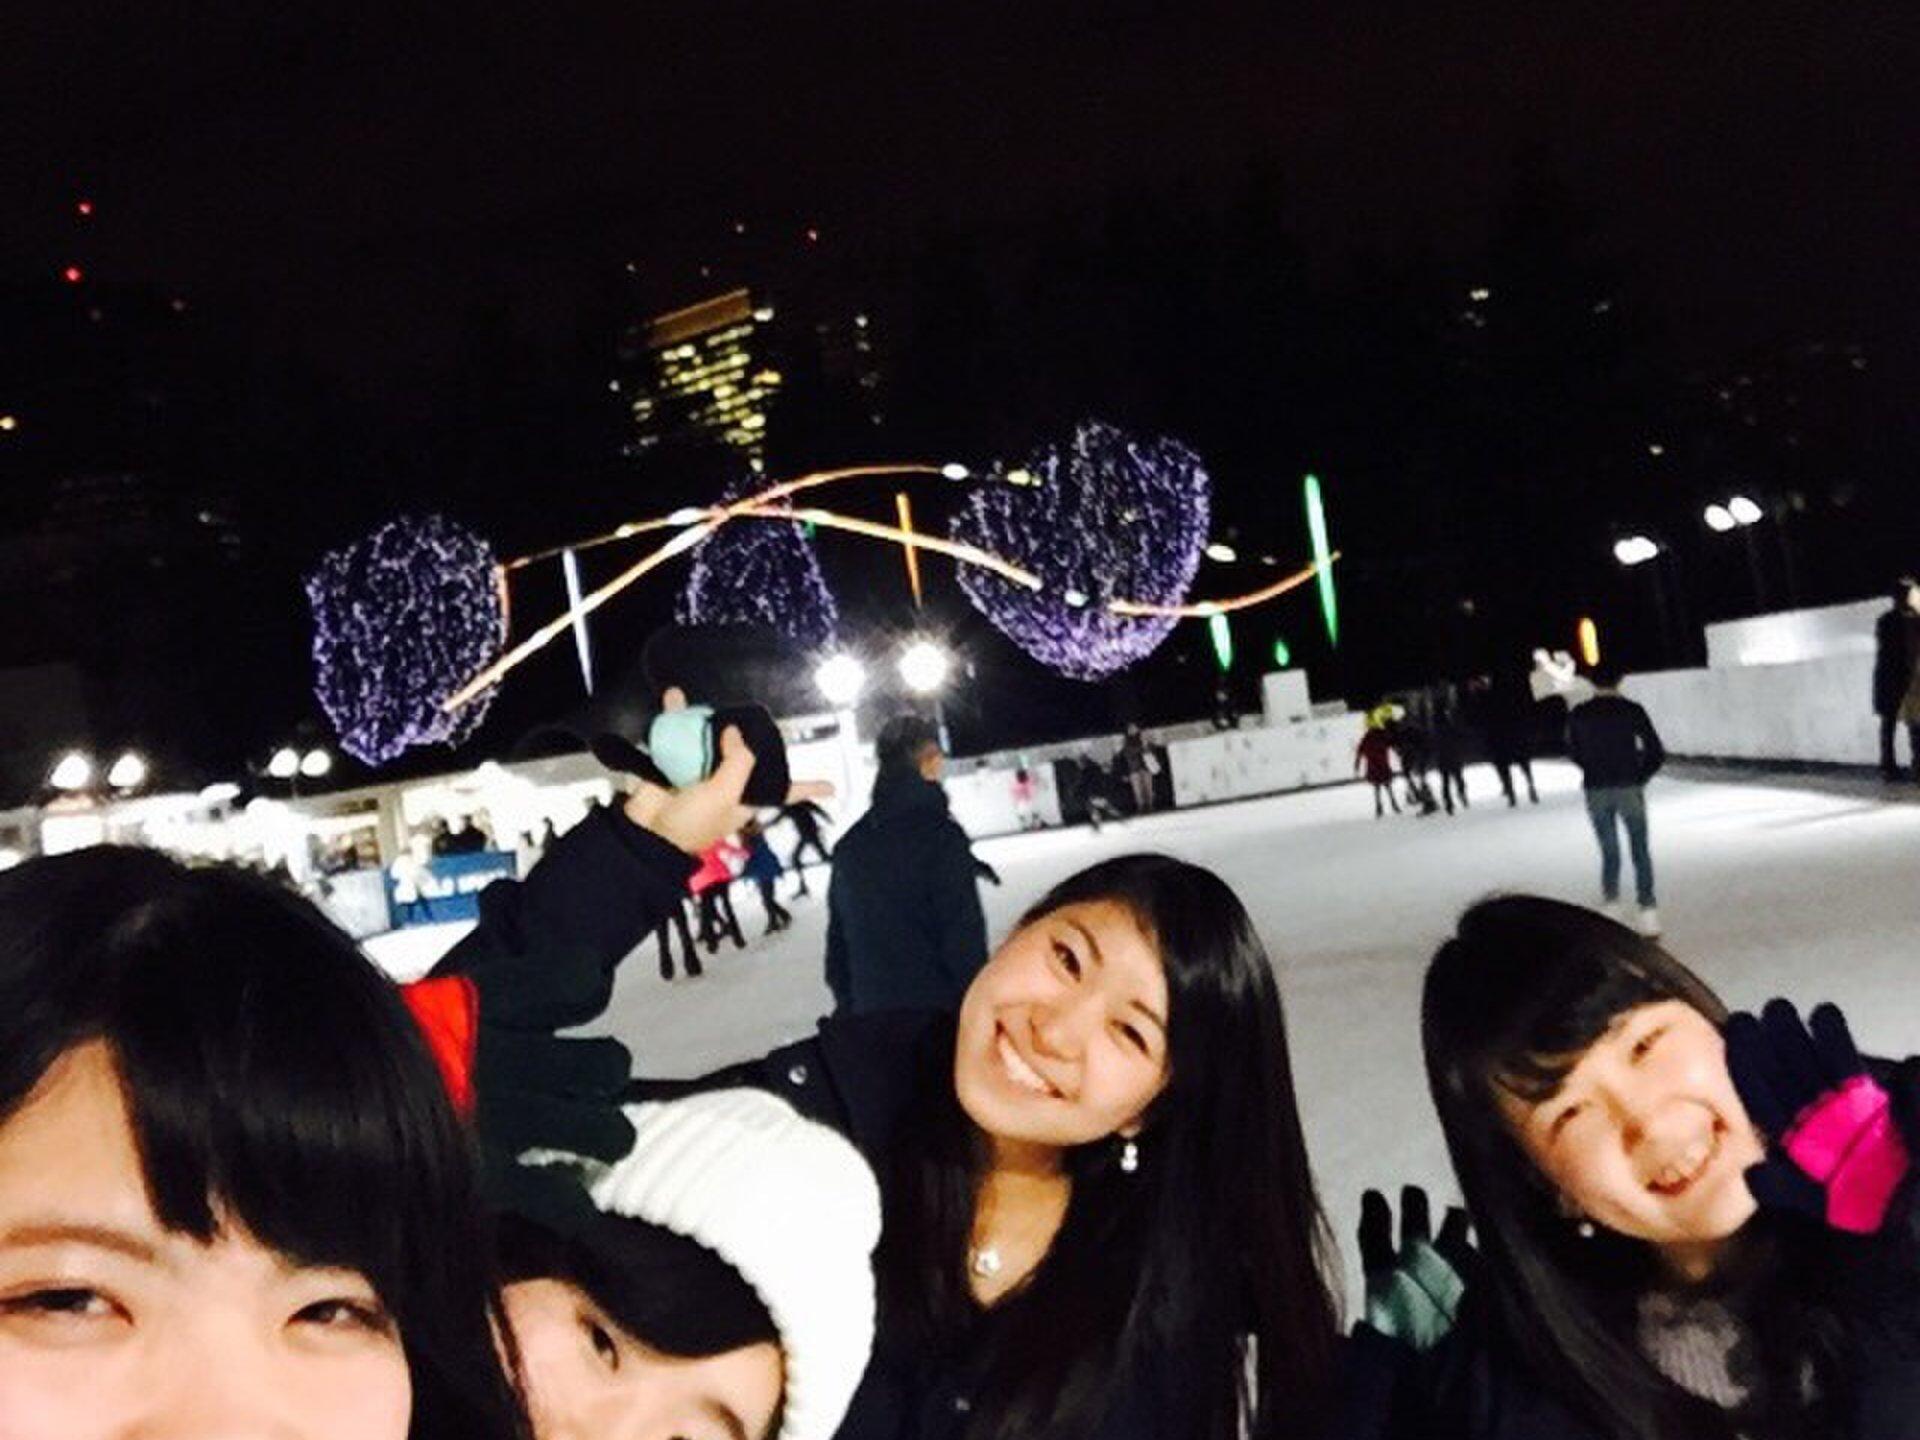 【寒い冬にしたい冬スポーツ!スケート】イルミネーションを眺めながらスケート後は六本木ヒルズでディナー